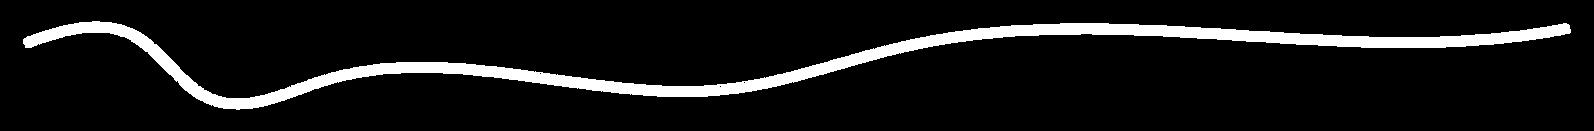 linha Ab.png